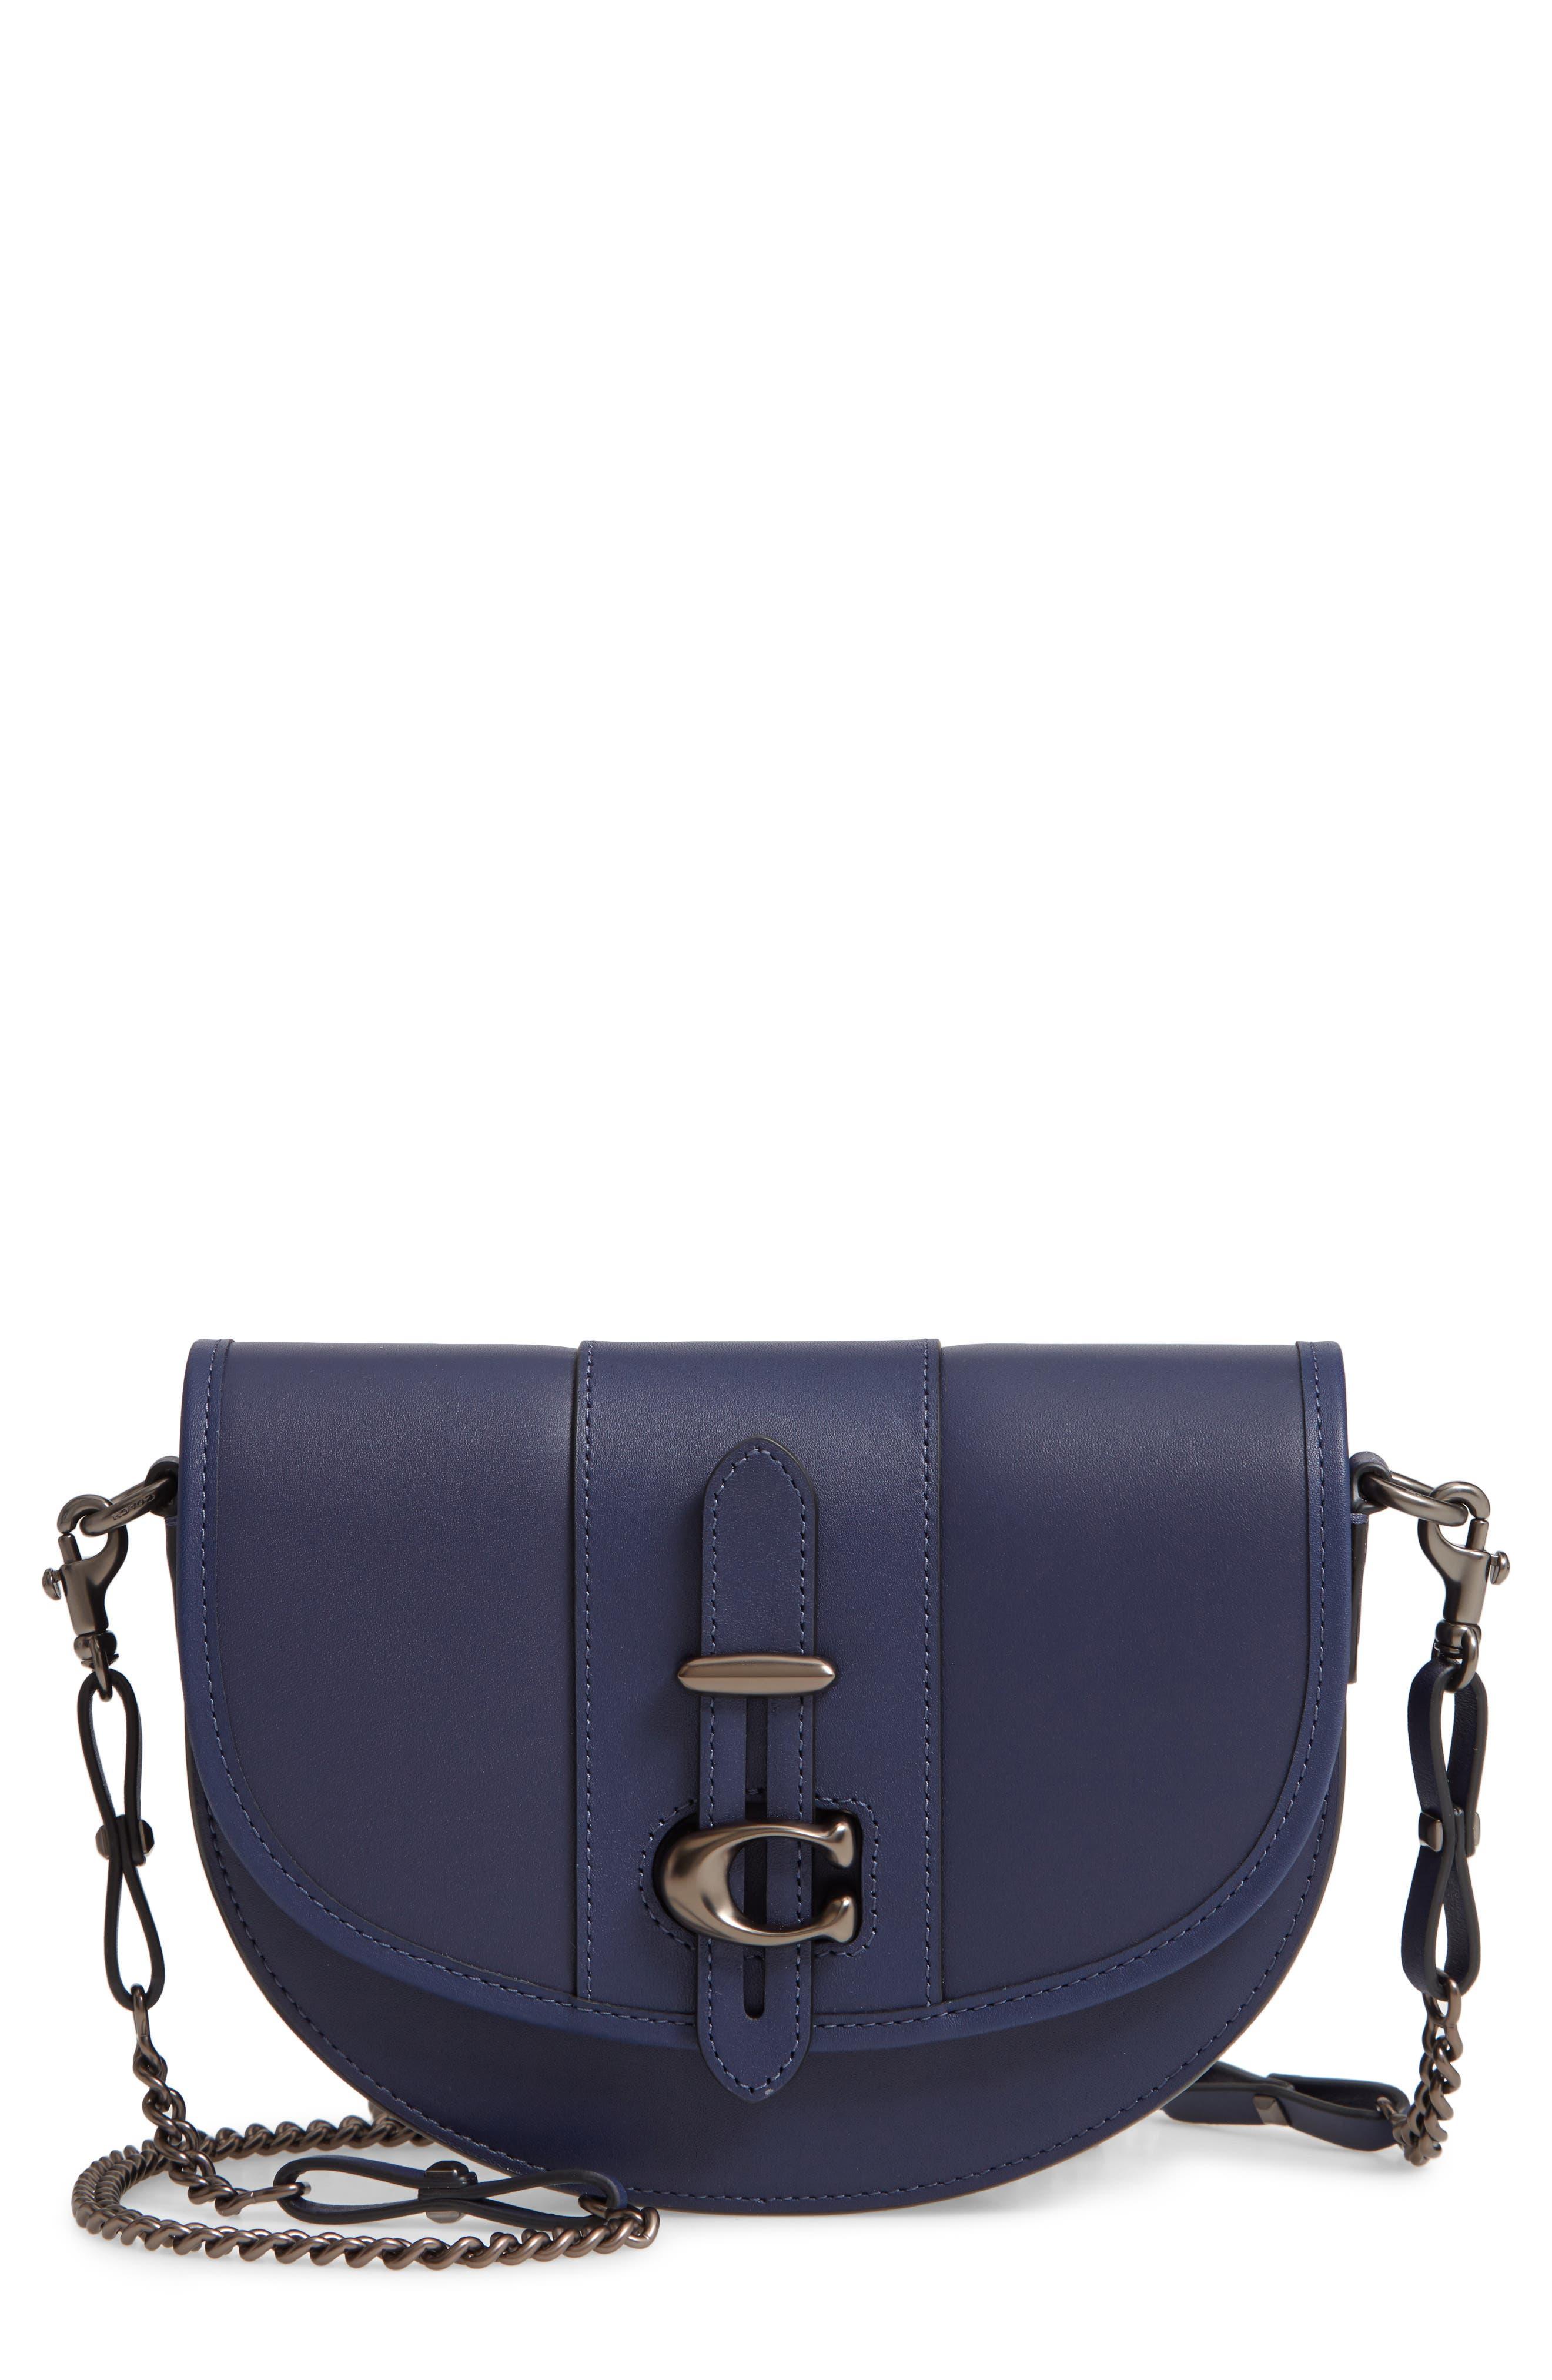 COACH Saddle 20 Leather Saddle Bag, Main, color, CADET